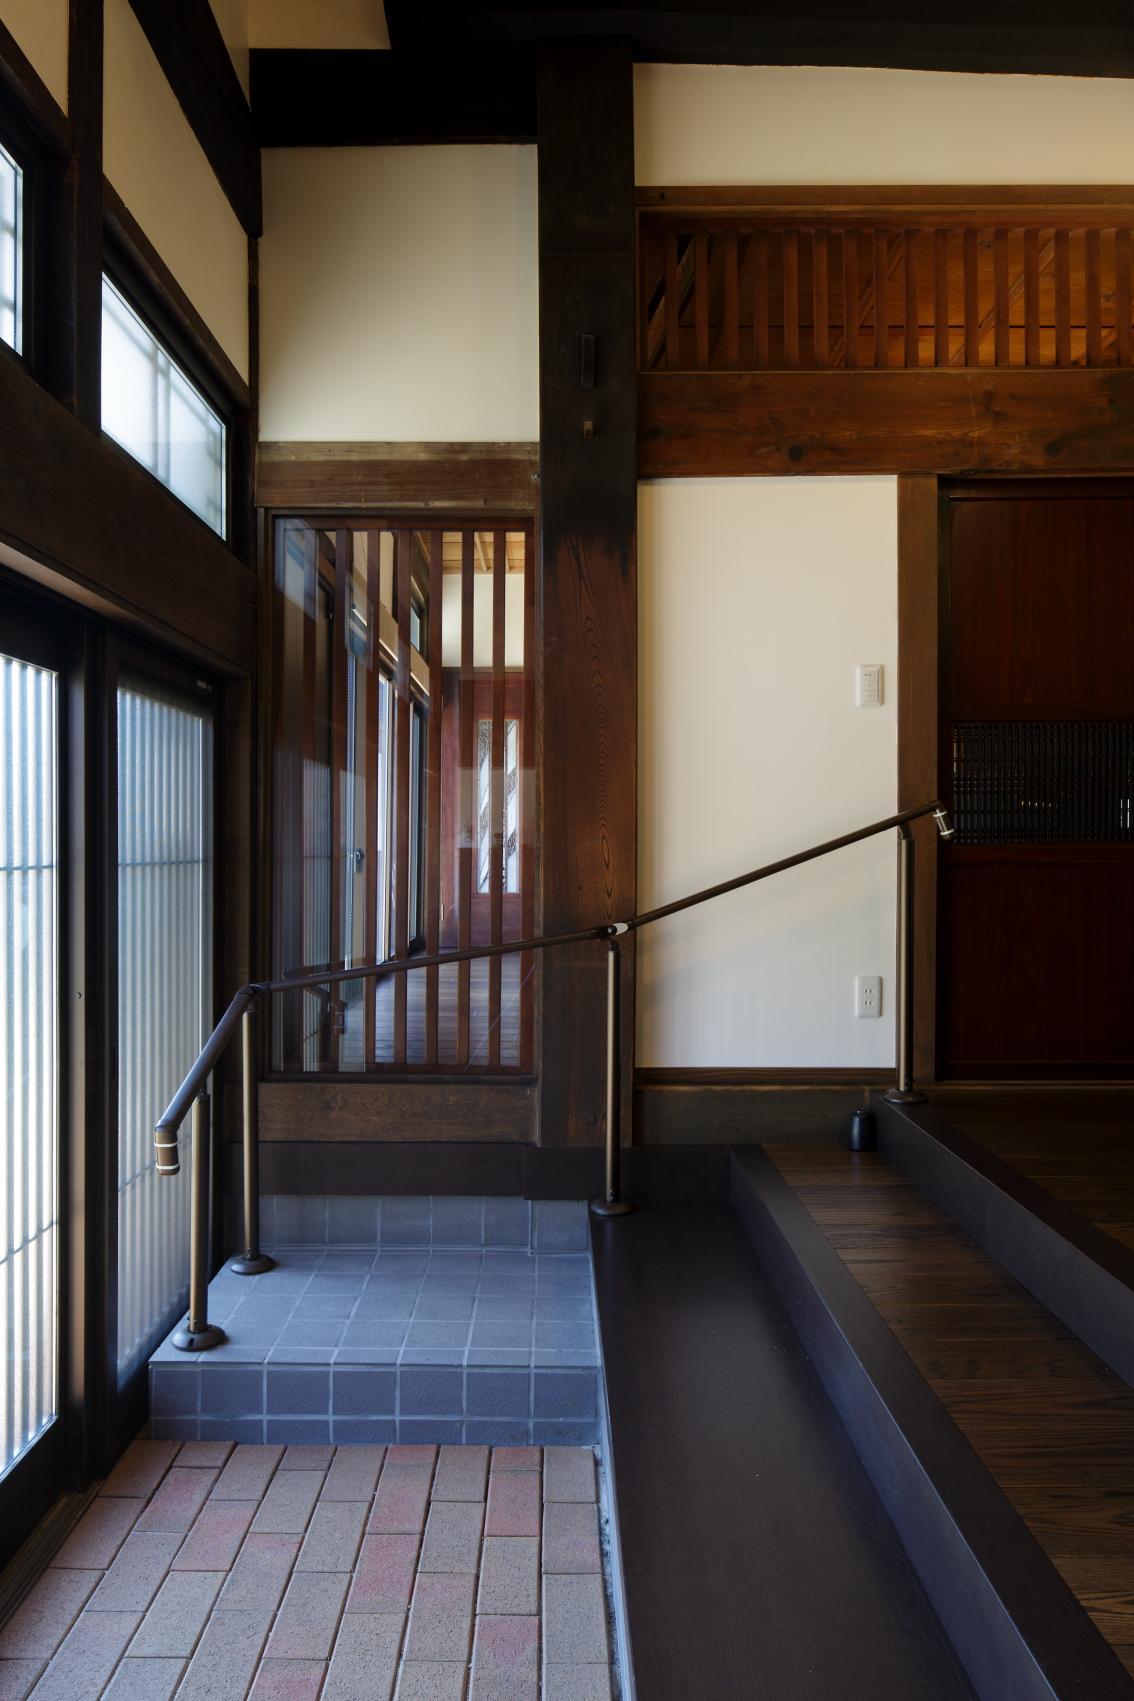 以前より広々とした玄関は、お母様の安全性を考えて手すりを設置した。